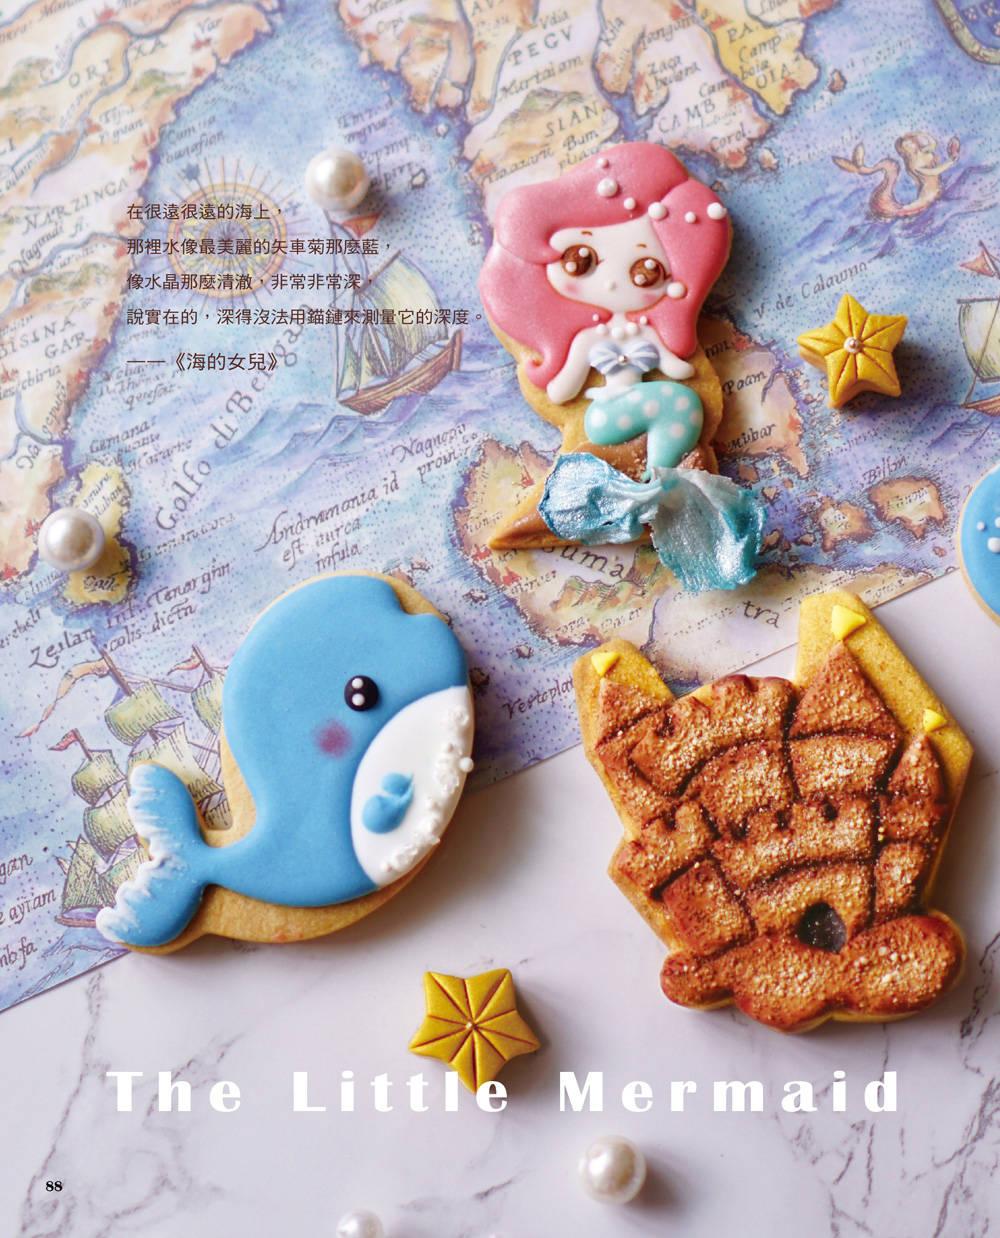 ◤博客來BOOKS◢ 暢銷書榜《推薦》有意思創意糖霜餅乾